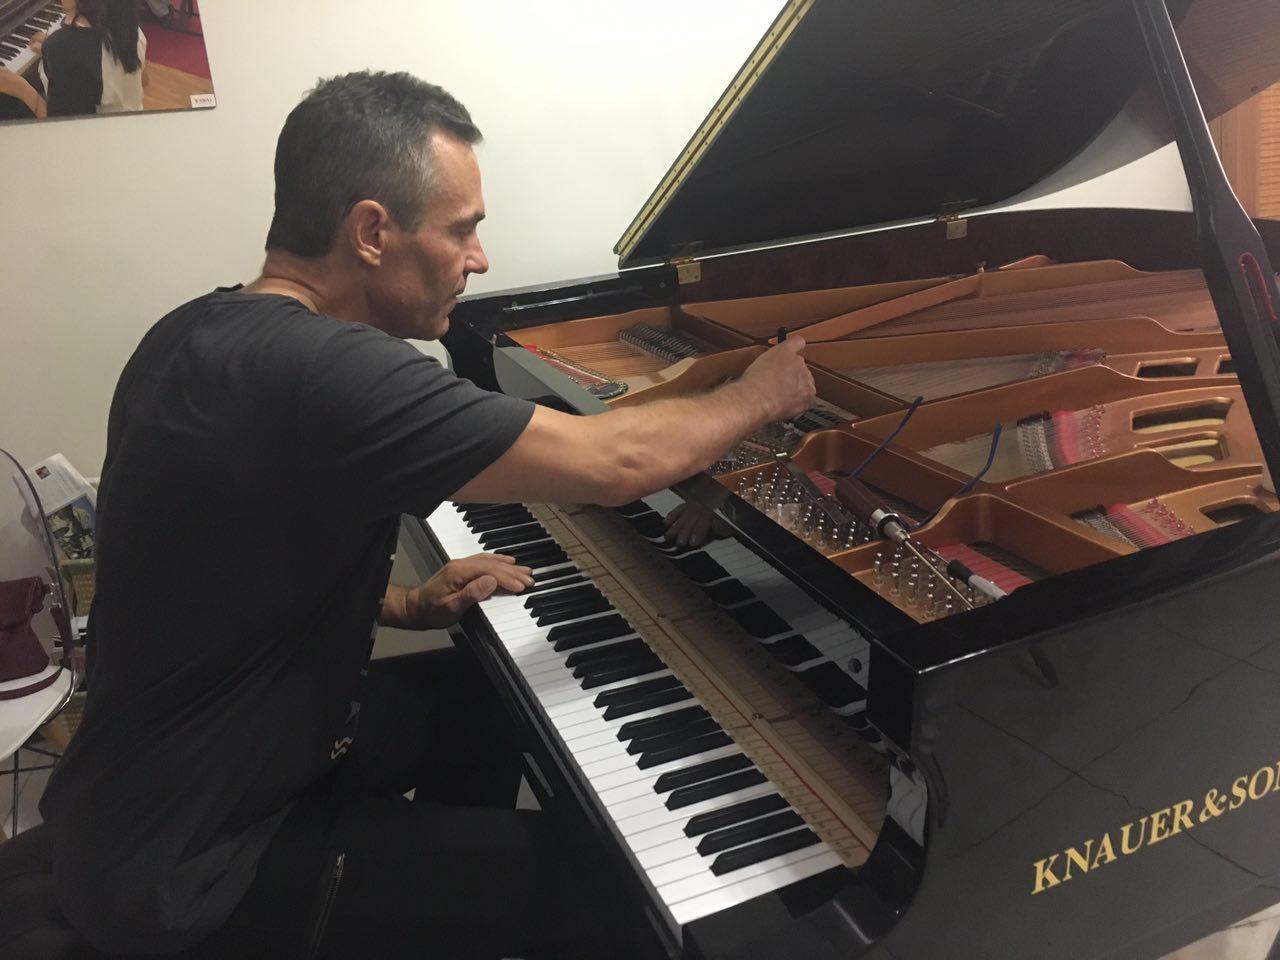 برگزاری نخستین سمینار روشهای کوک و رگلاژ پیانو